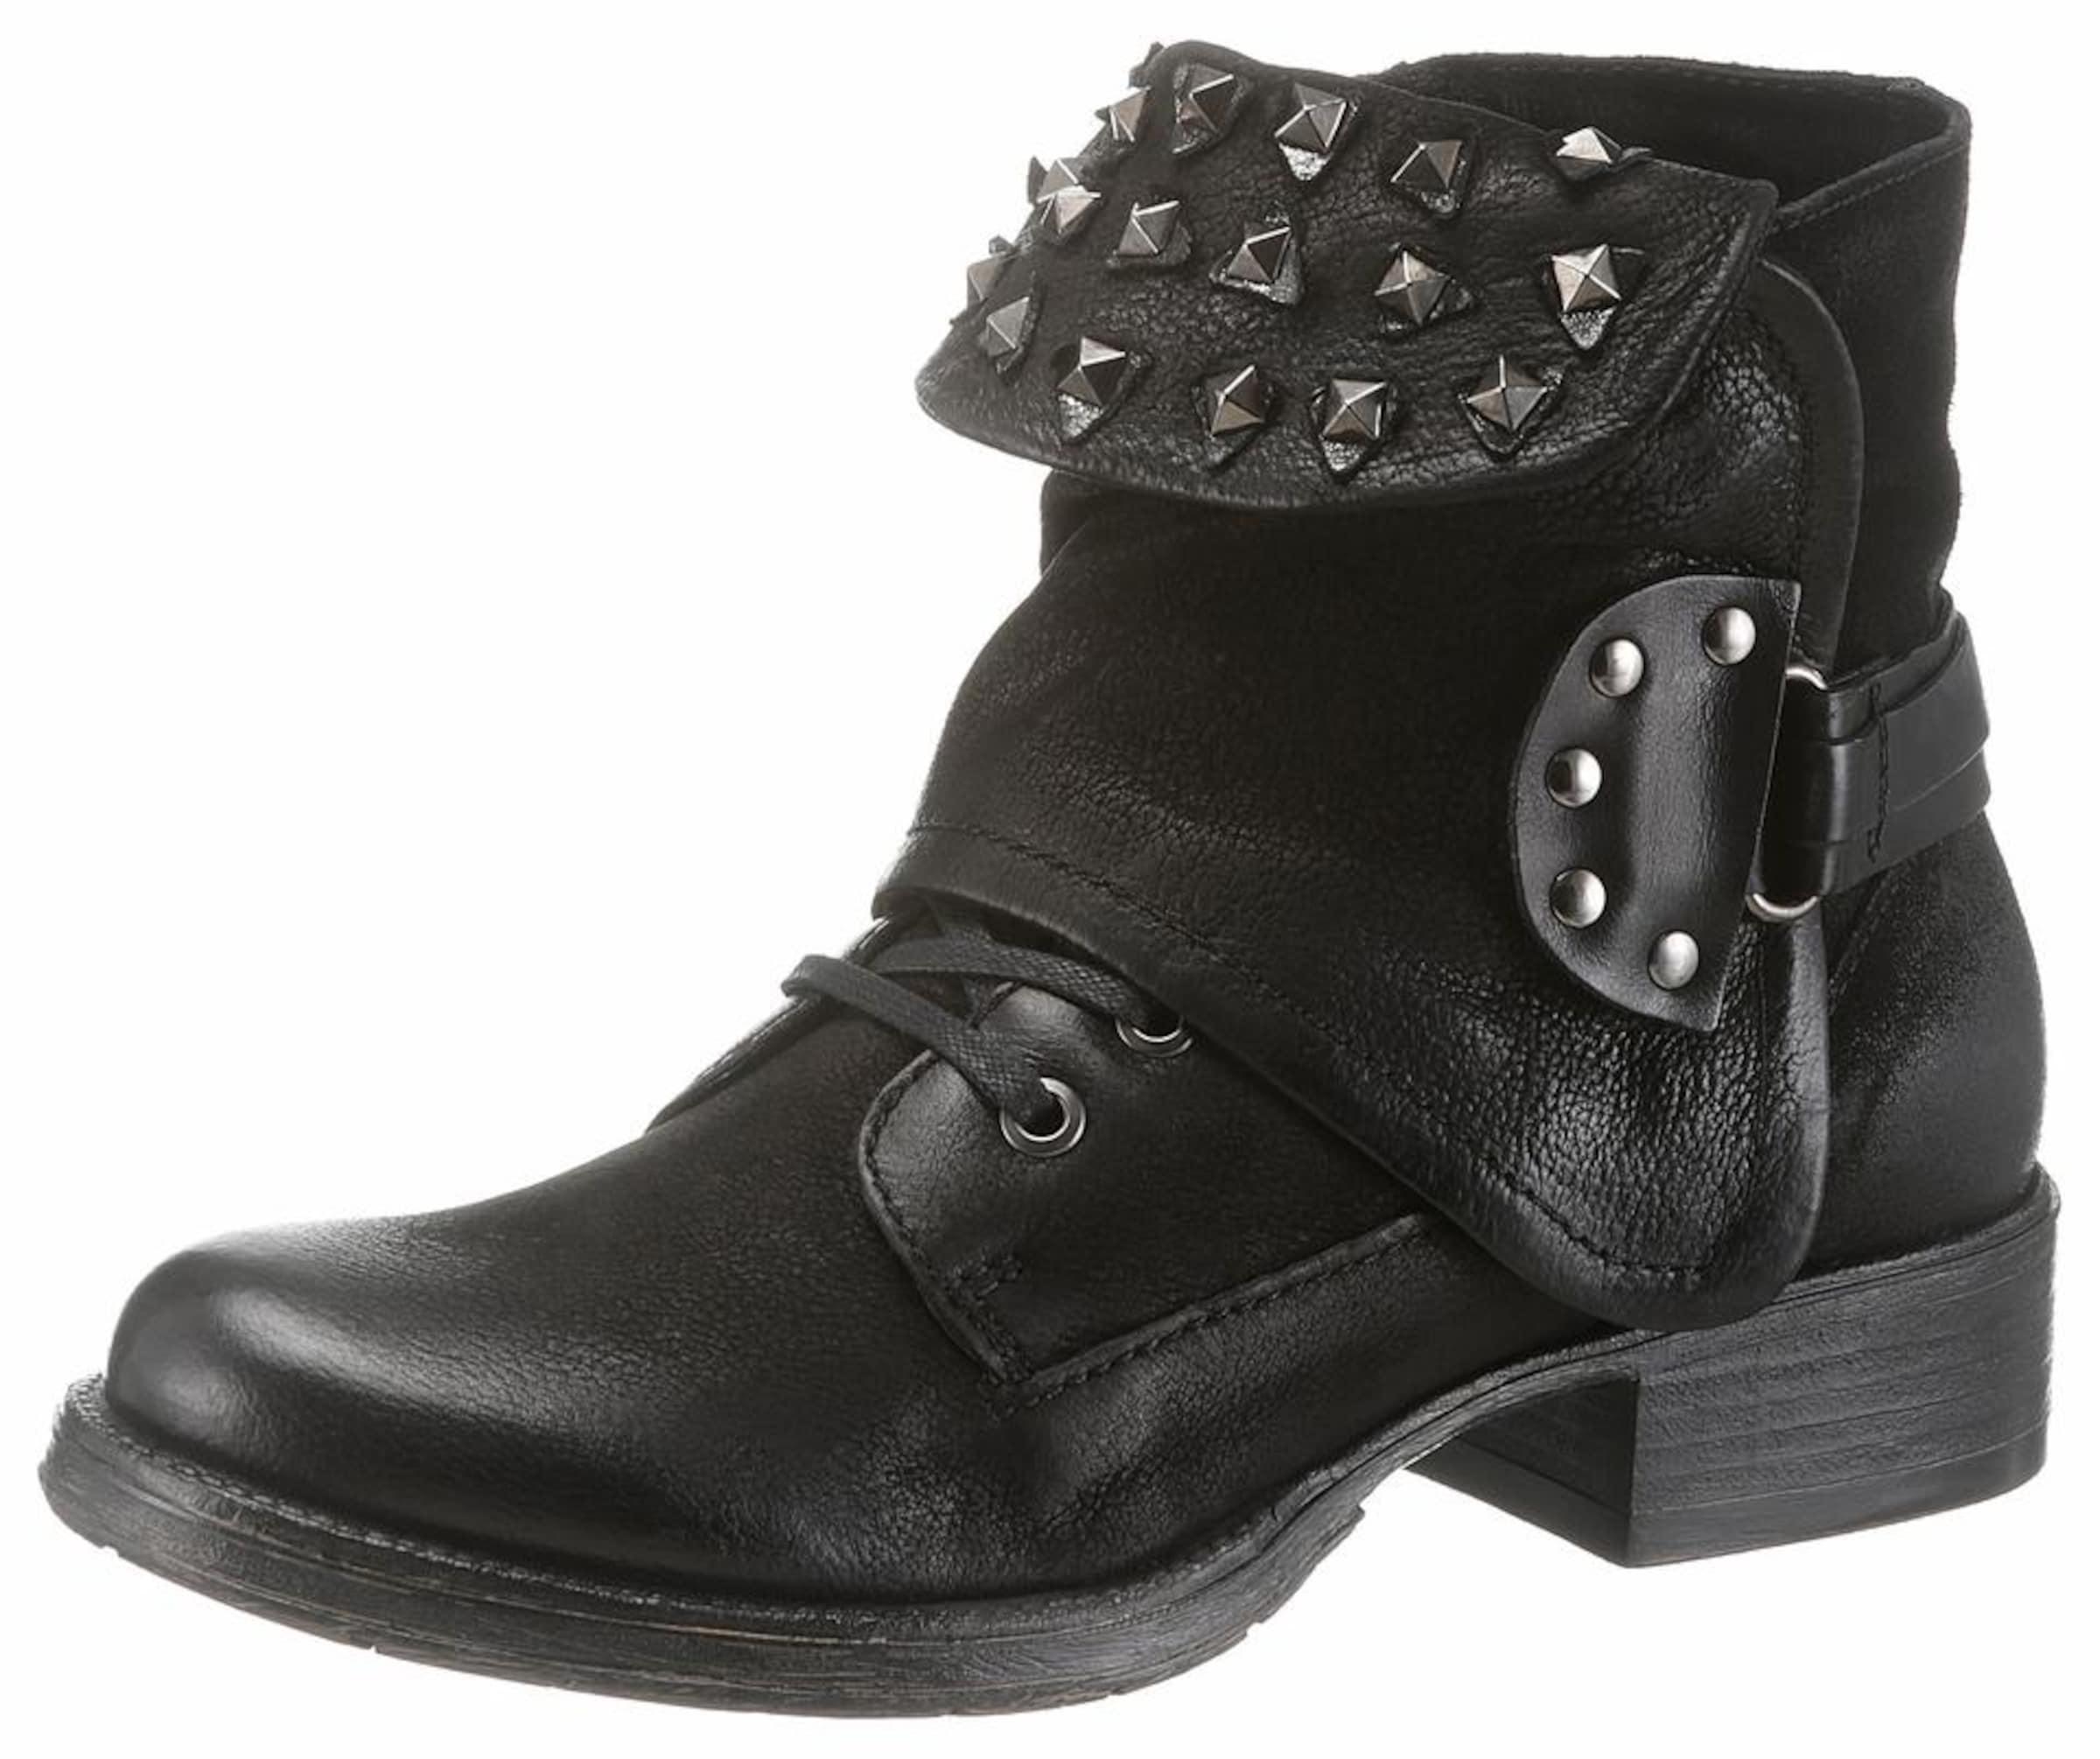 ARIZONA Schnürstiefelette Günstige und langlebige Schuhe